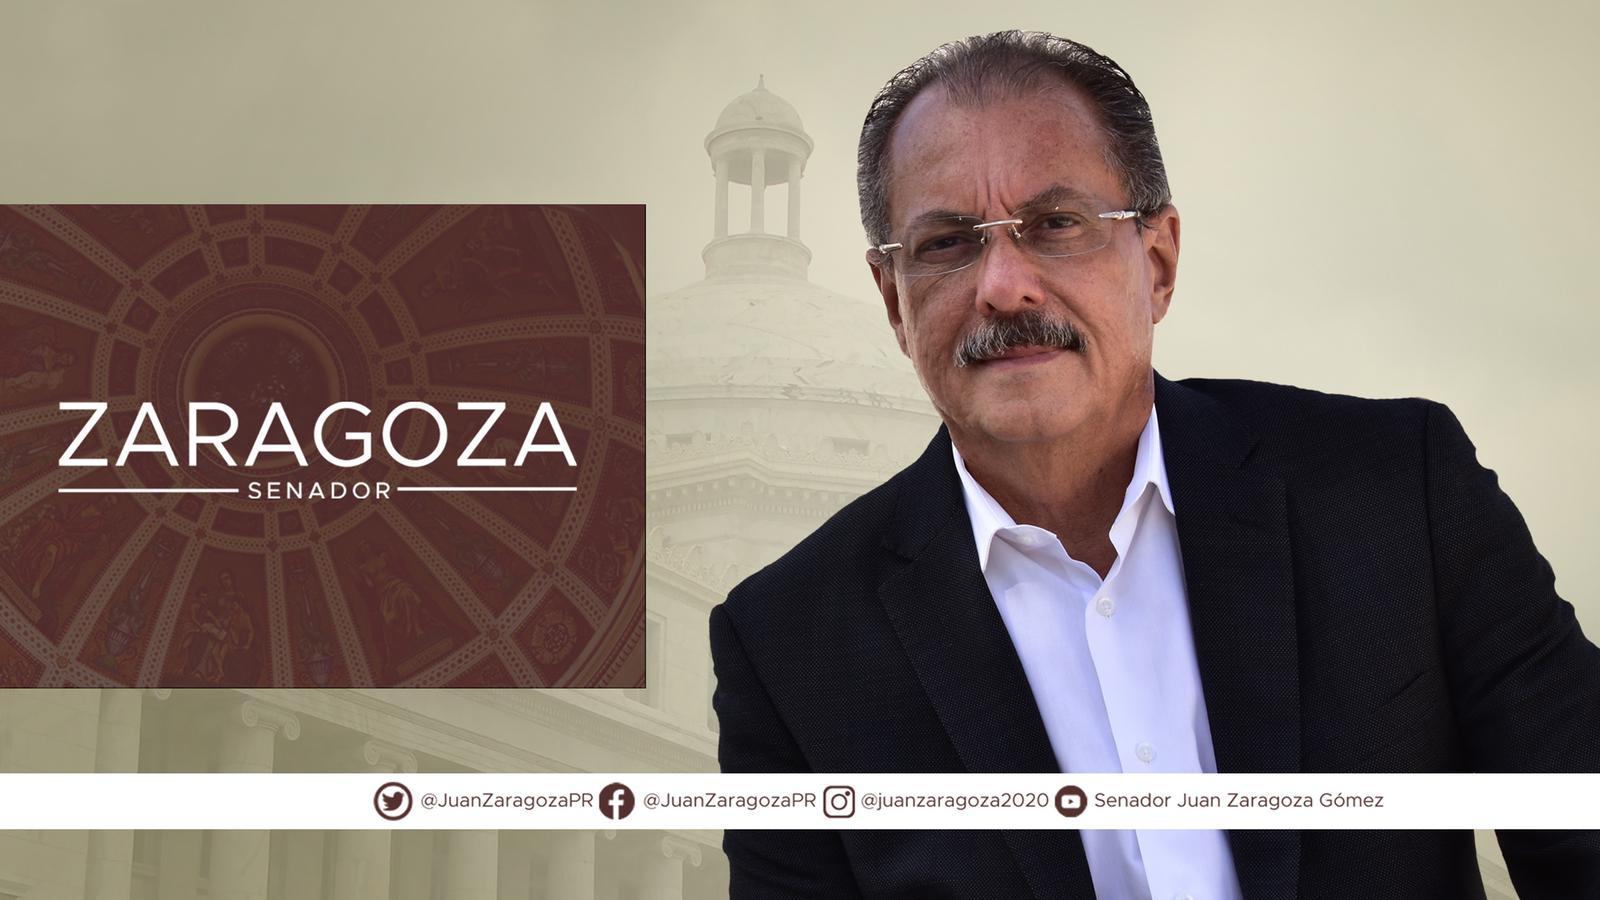 Foto del Senador Juan Zaragoza